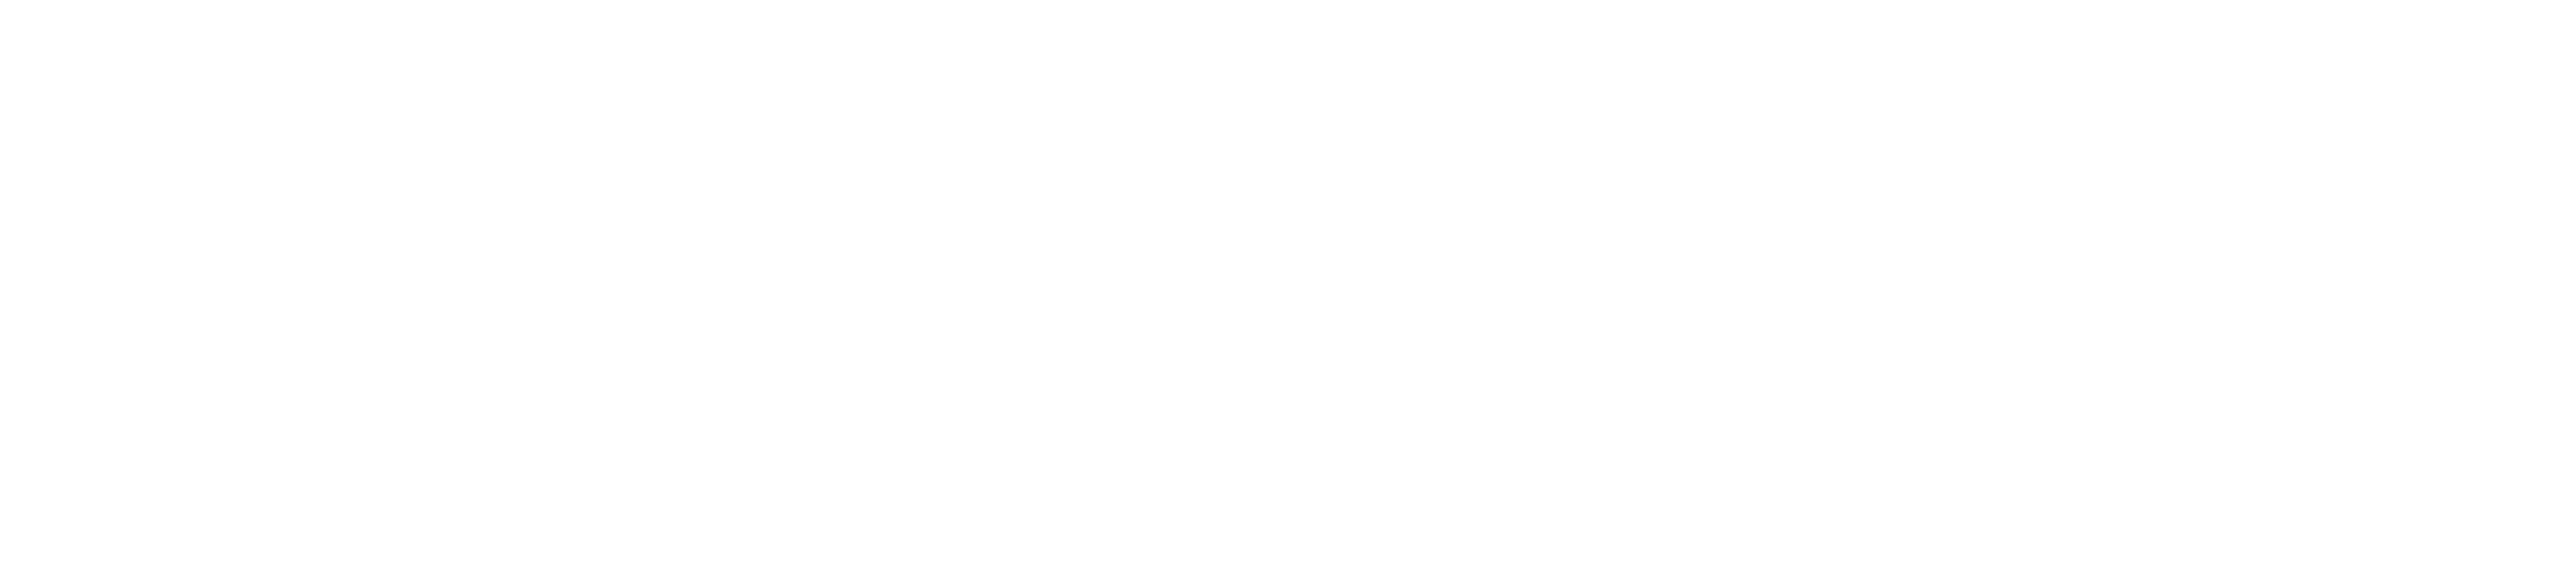 Fairfield City Champion